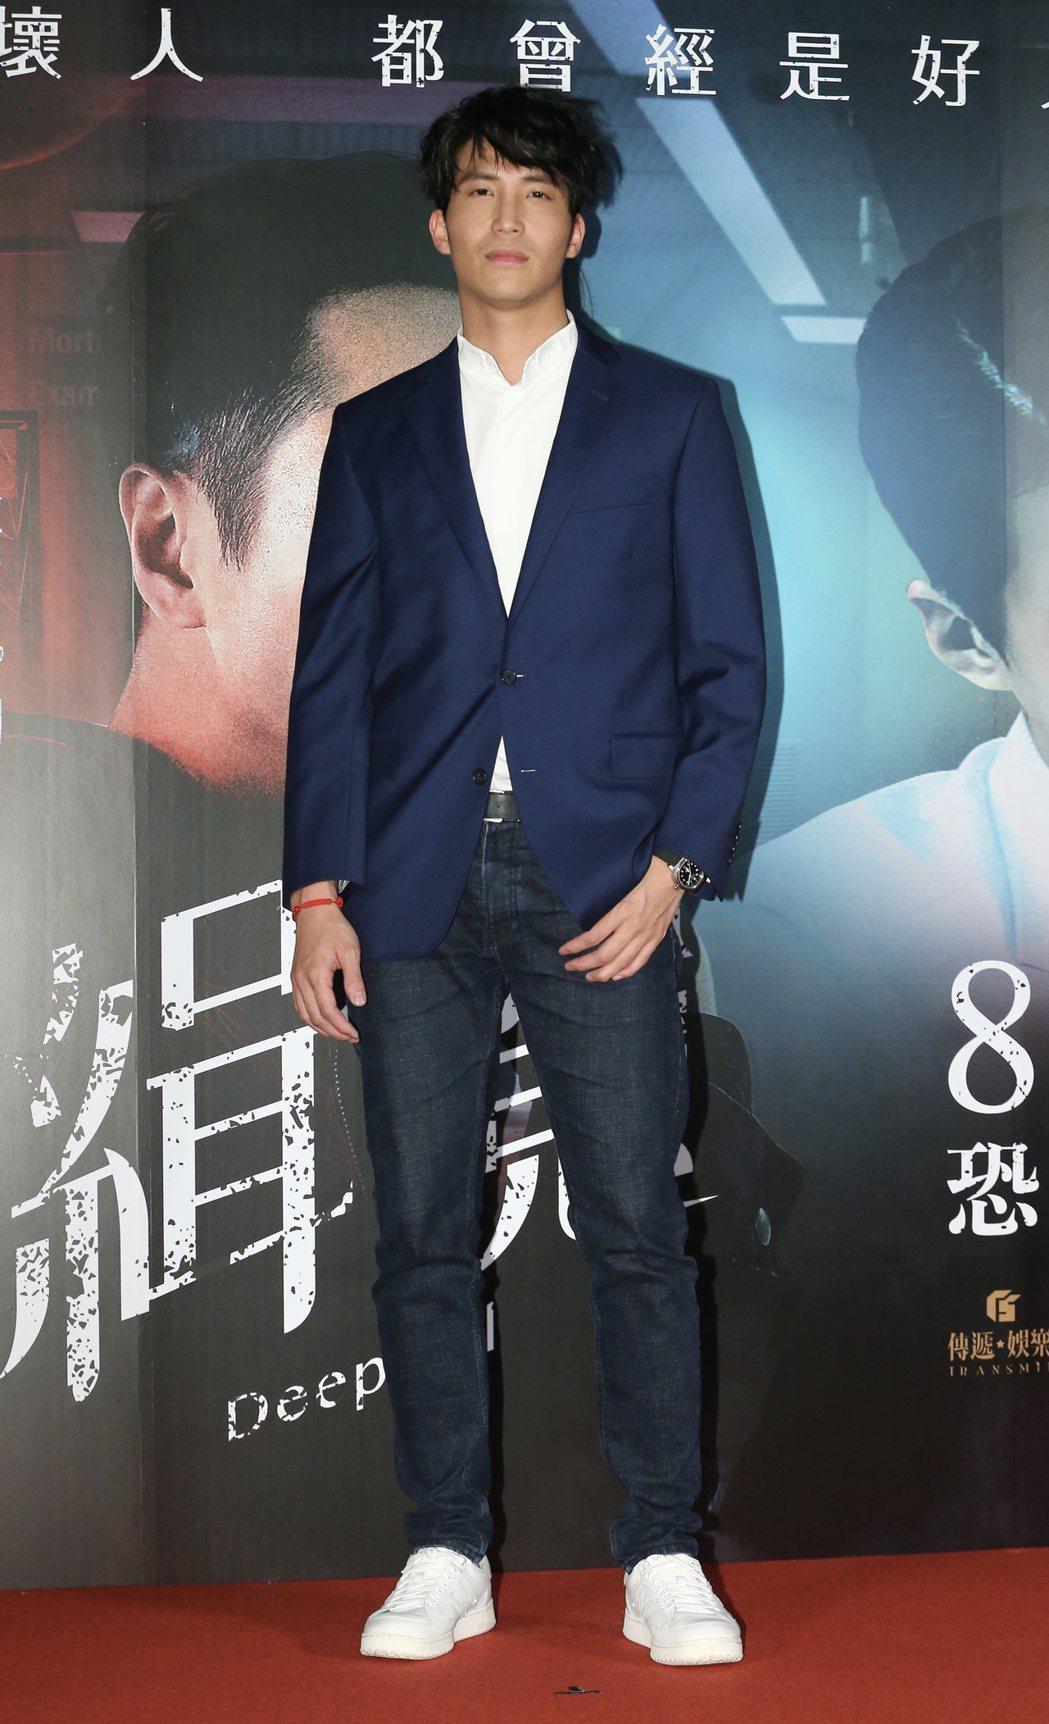 國片「緝魔」舉辦首映會,片中演員吳翔震等人一同出席首映會活動。記者許正宏/攝影